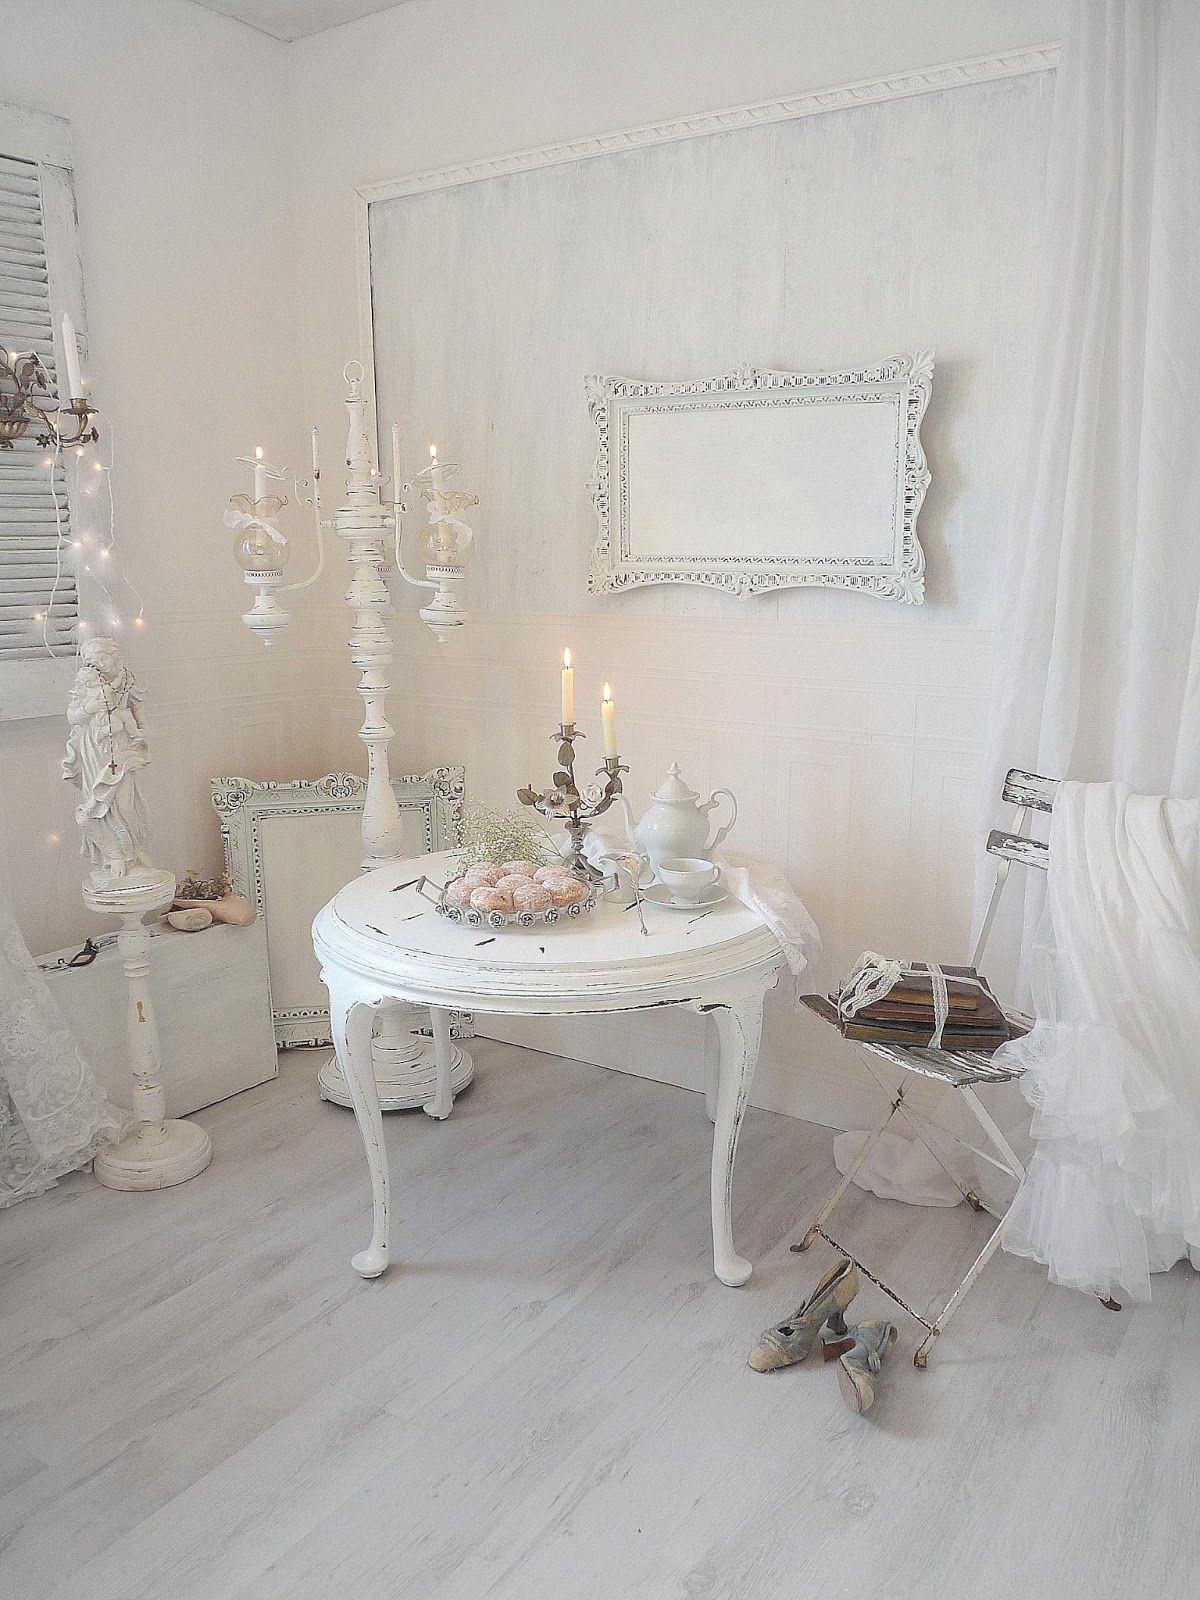 pin von erika m auf shabby chic pinterest shabby chic wohnzimmer und wohnen. Black Bedroom Furniture Sets. Home Design Ideas